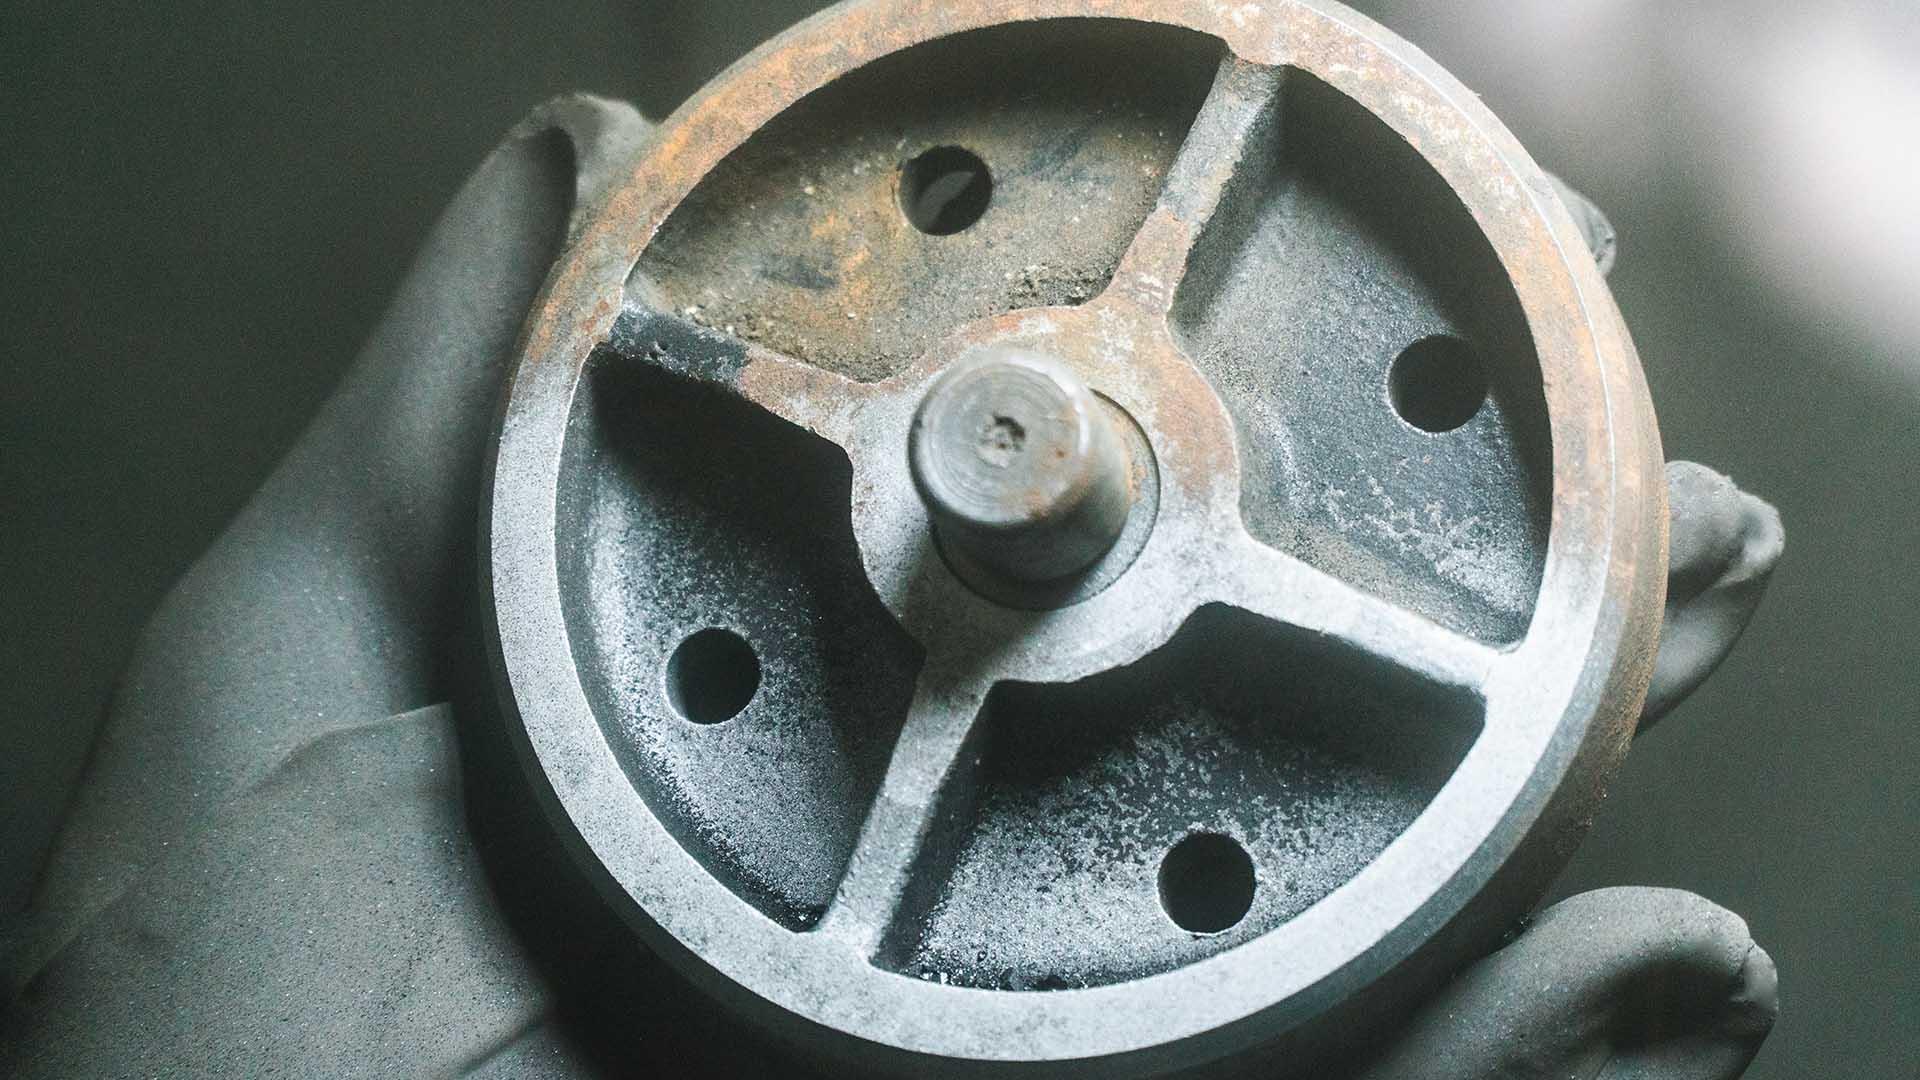 Очистка металла - процедура удаление загрязнений с металлической поверхности до определенного уровня ее чистоты.